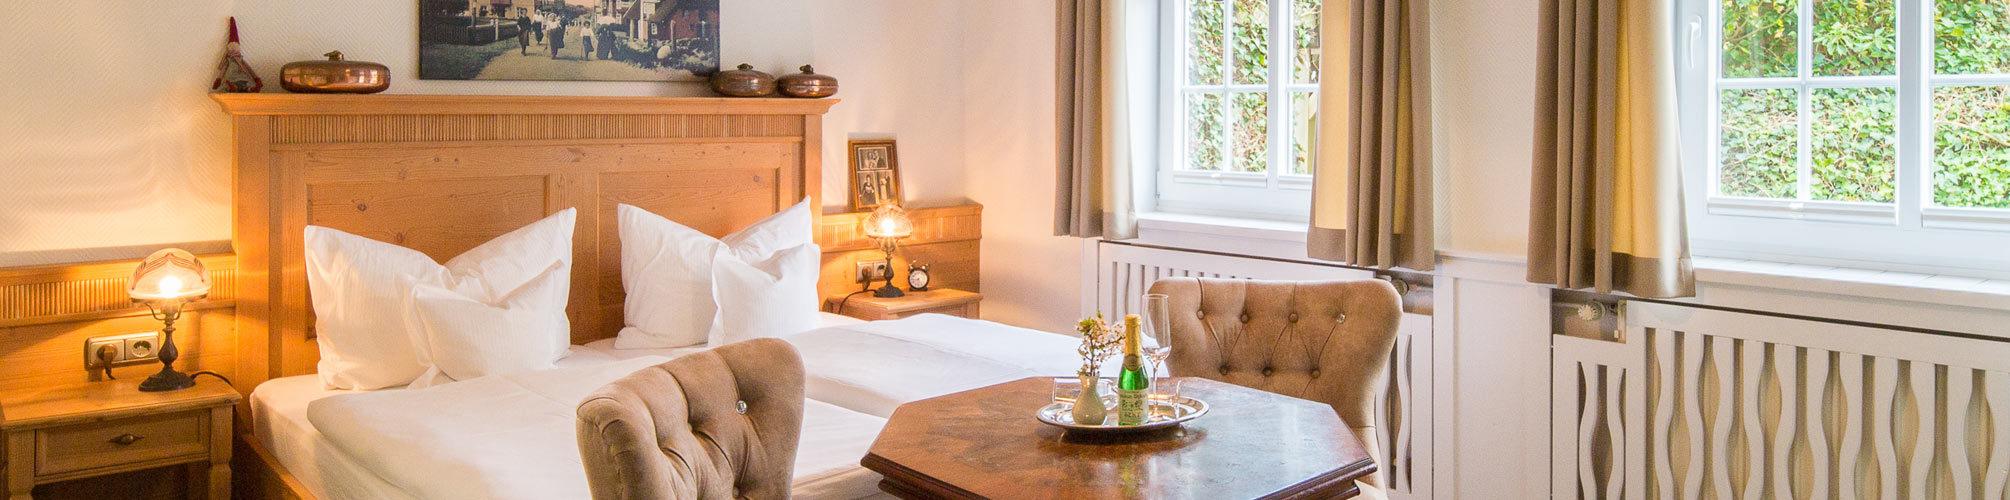 hotel-pension-uetjkiek-hotelzimmer-2